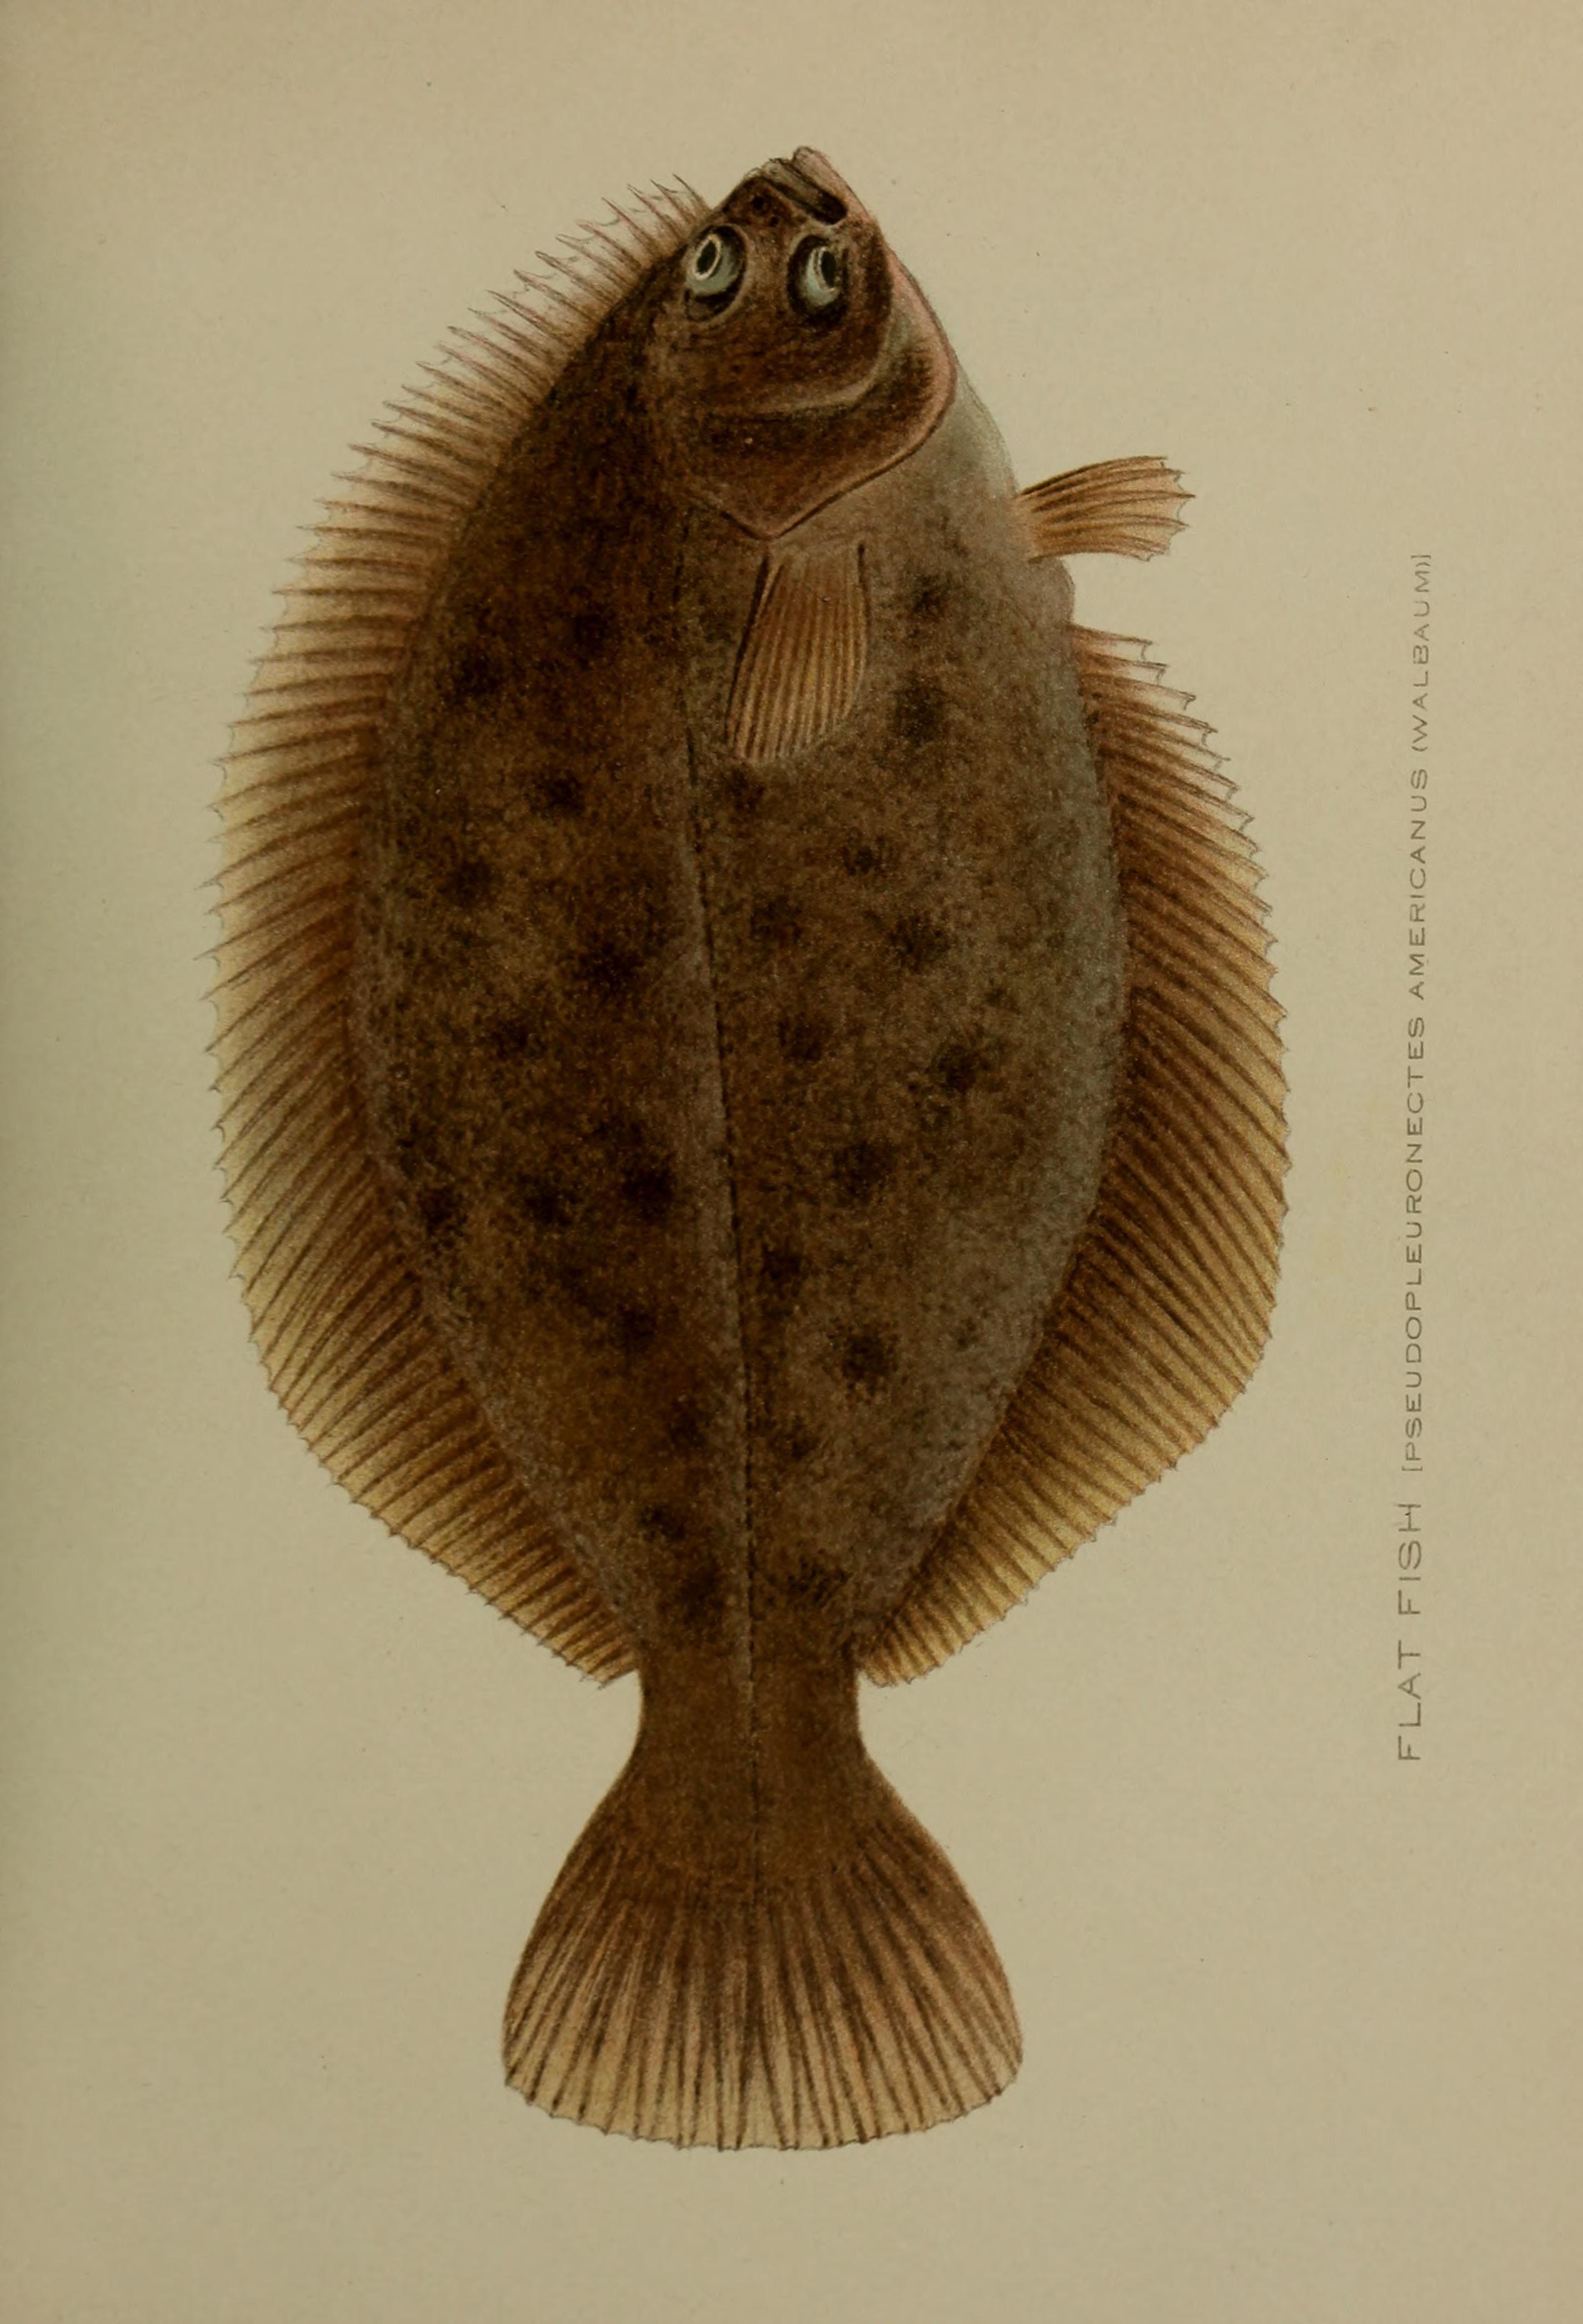 Image of <i>Pseudopleuronectes americanus</i> (Walbaum 1792)